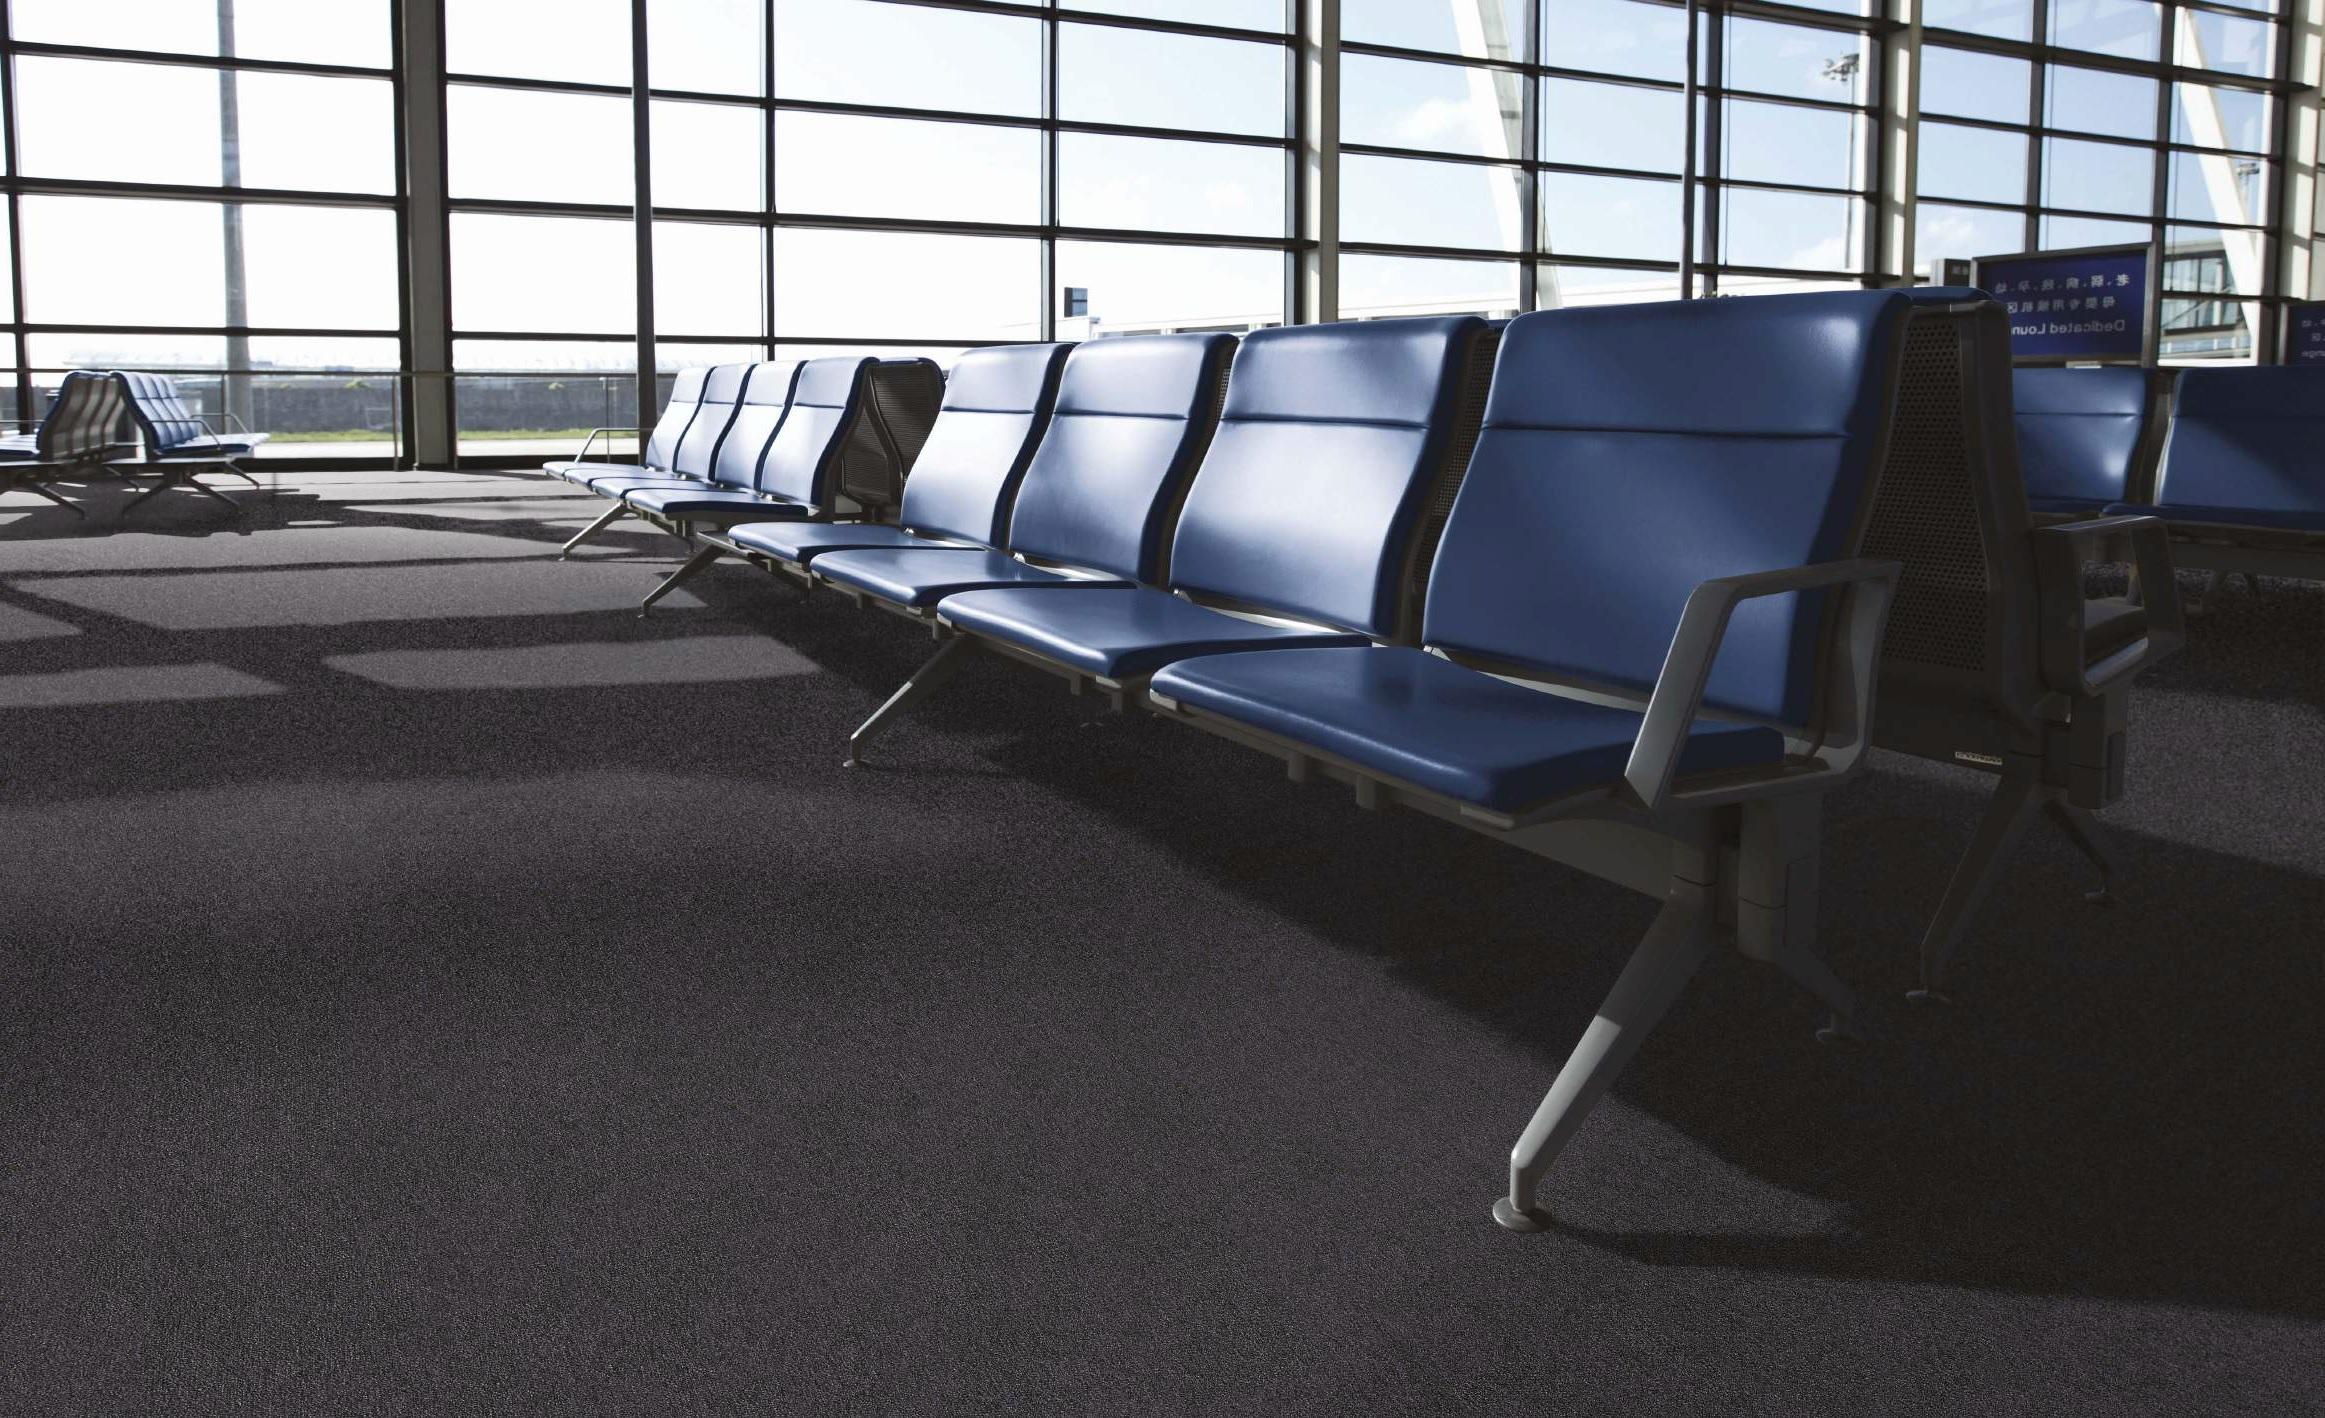 Μοκέτες σε Χώρο Αεροδρομίου